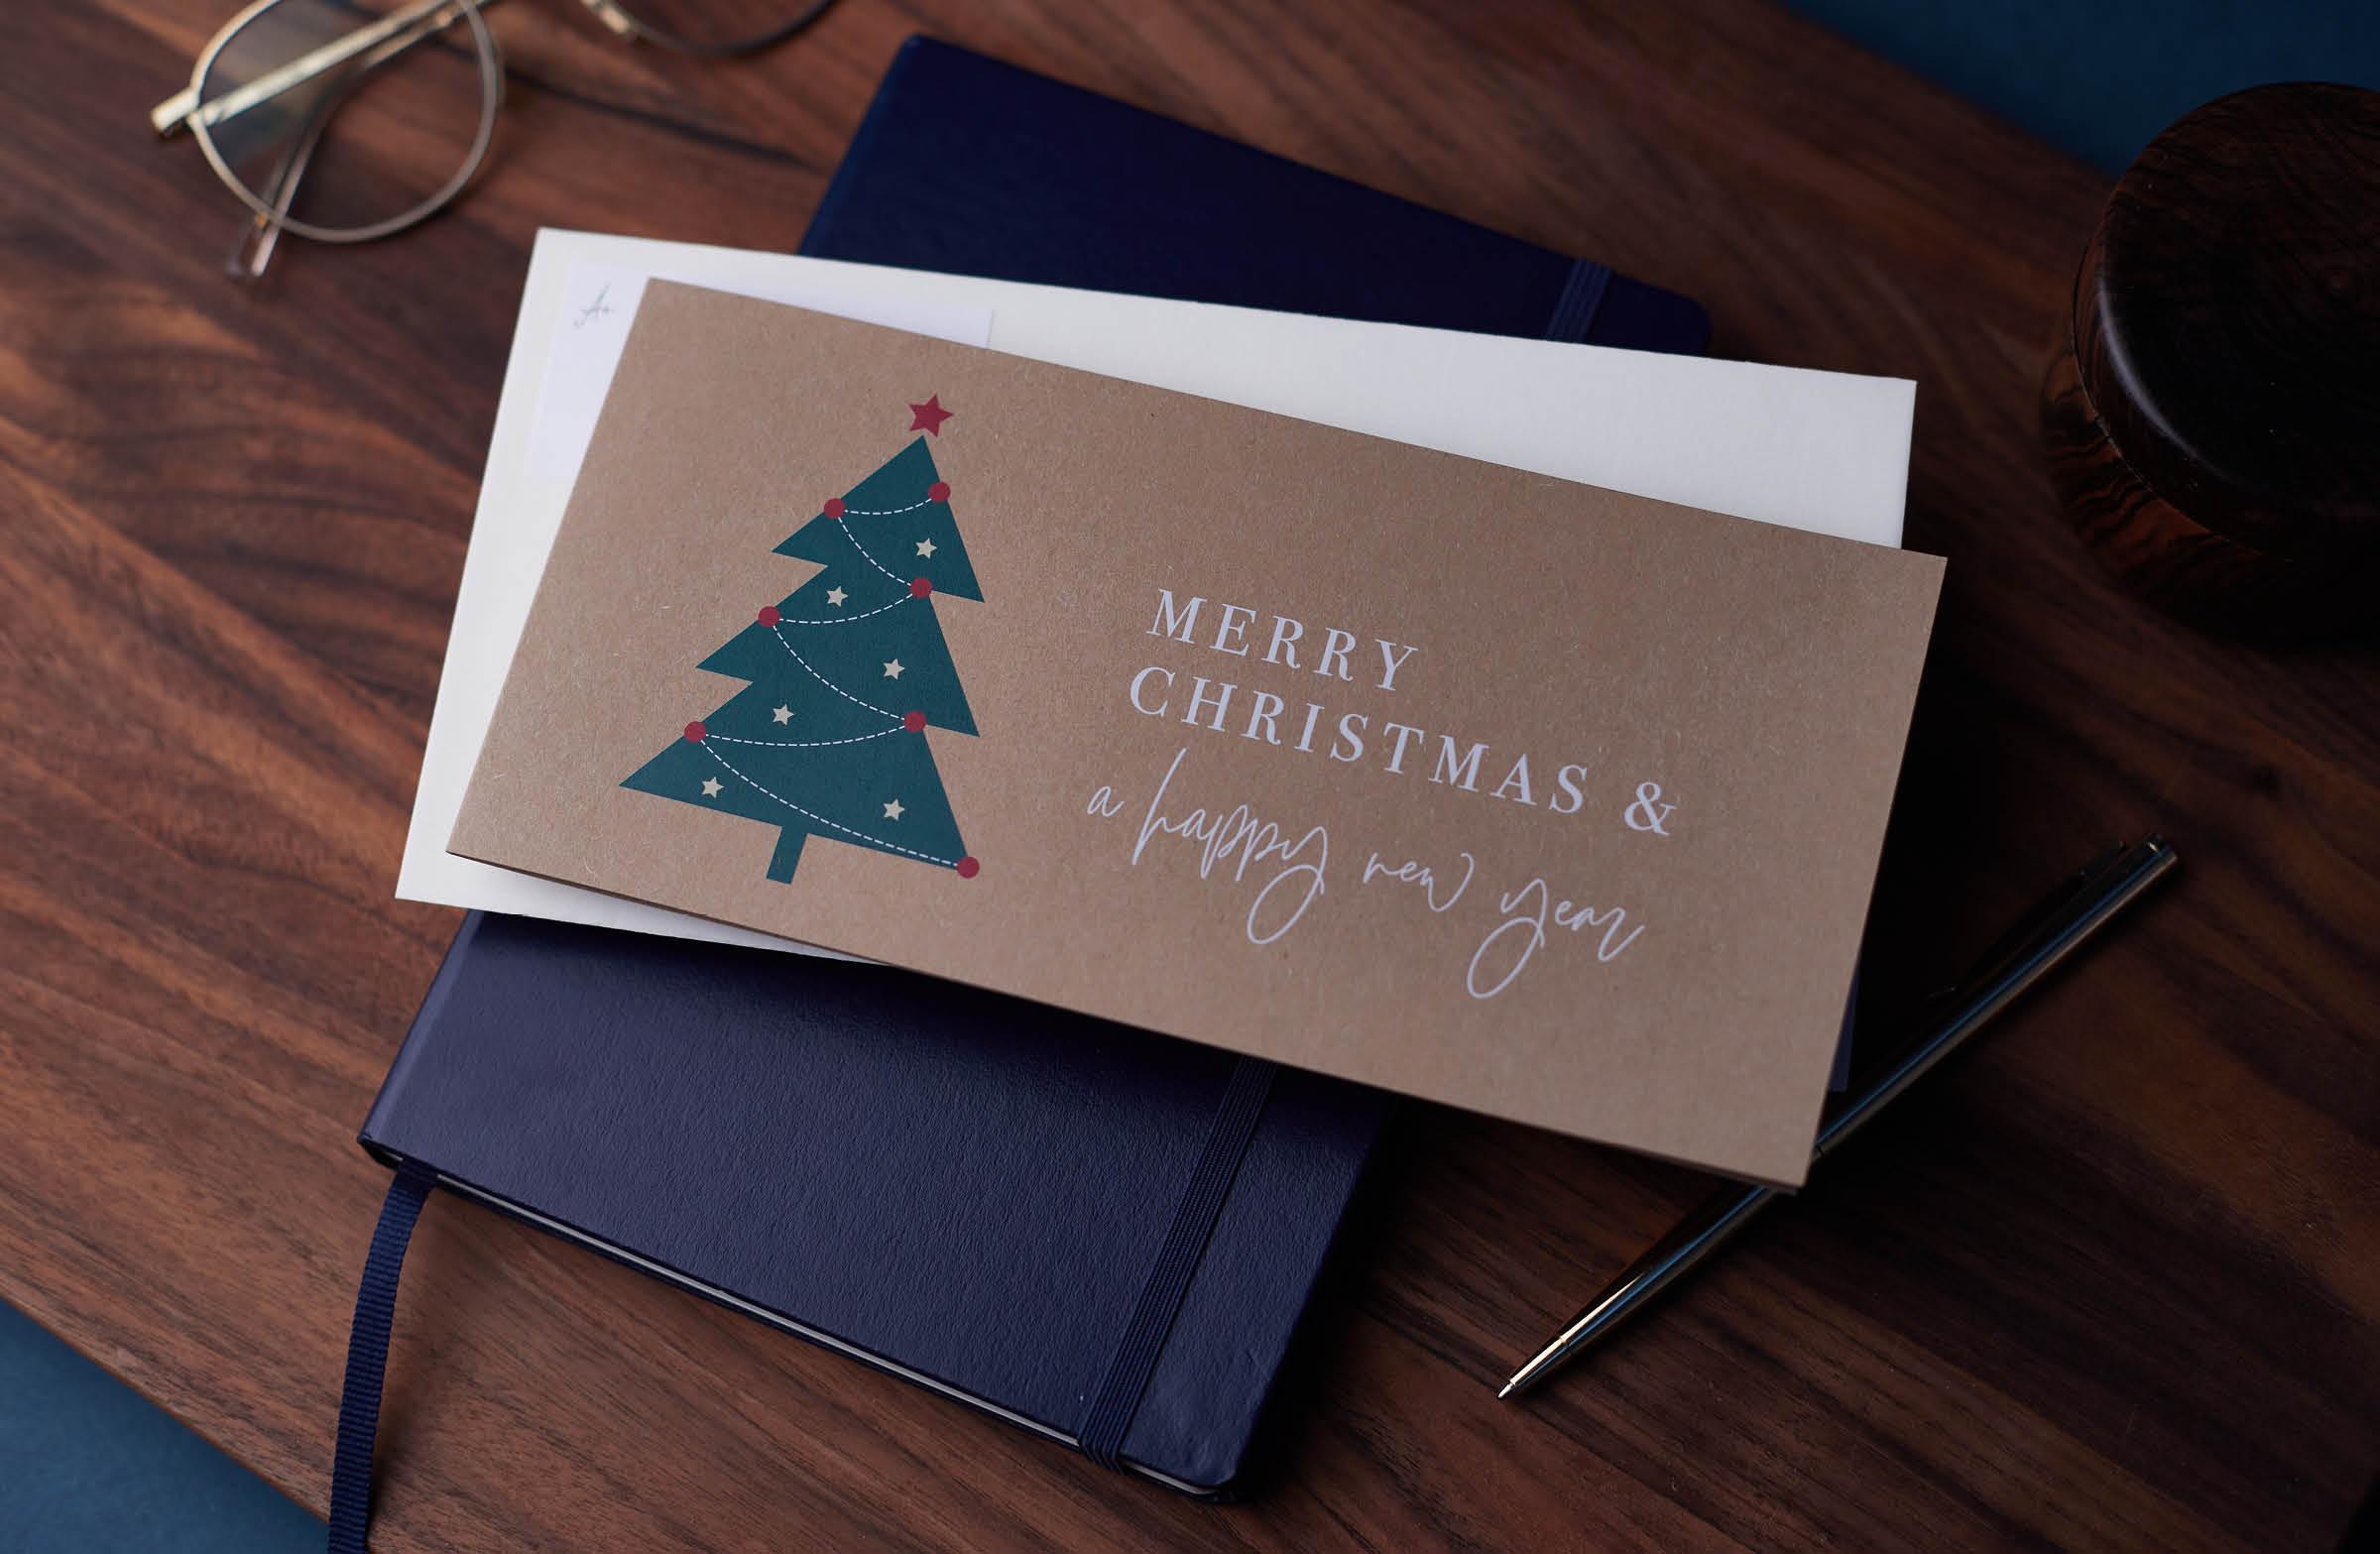 Geschäftliche Weihnachtskarte aus Kraftpapier mit Tannenbaummotiv.